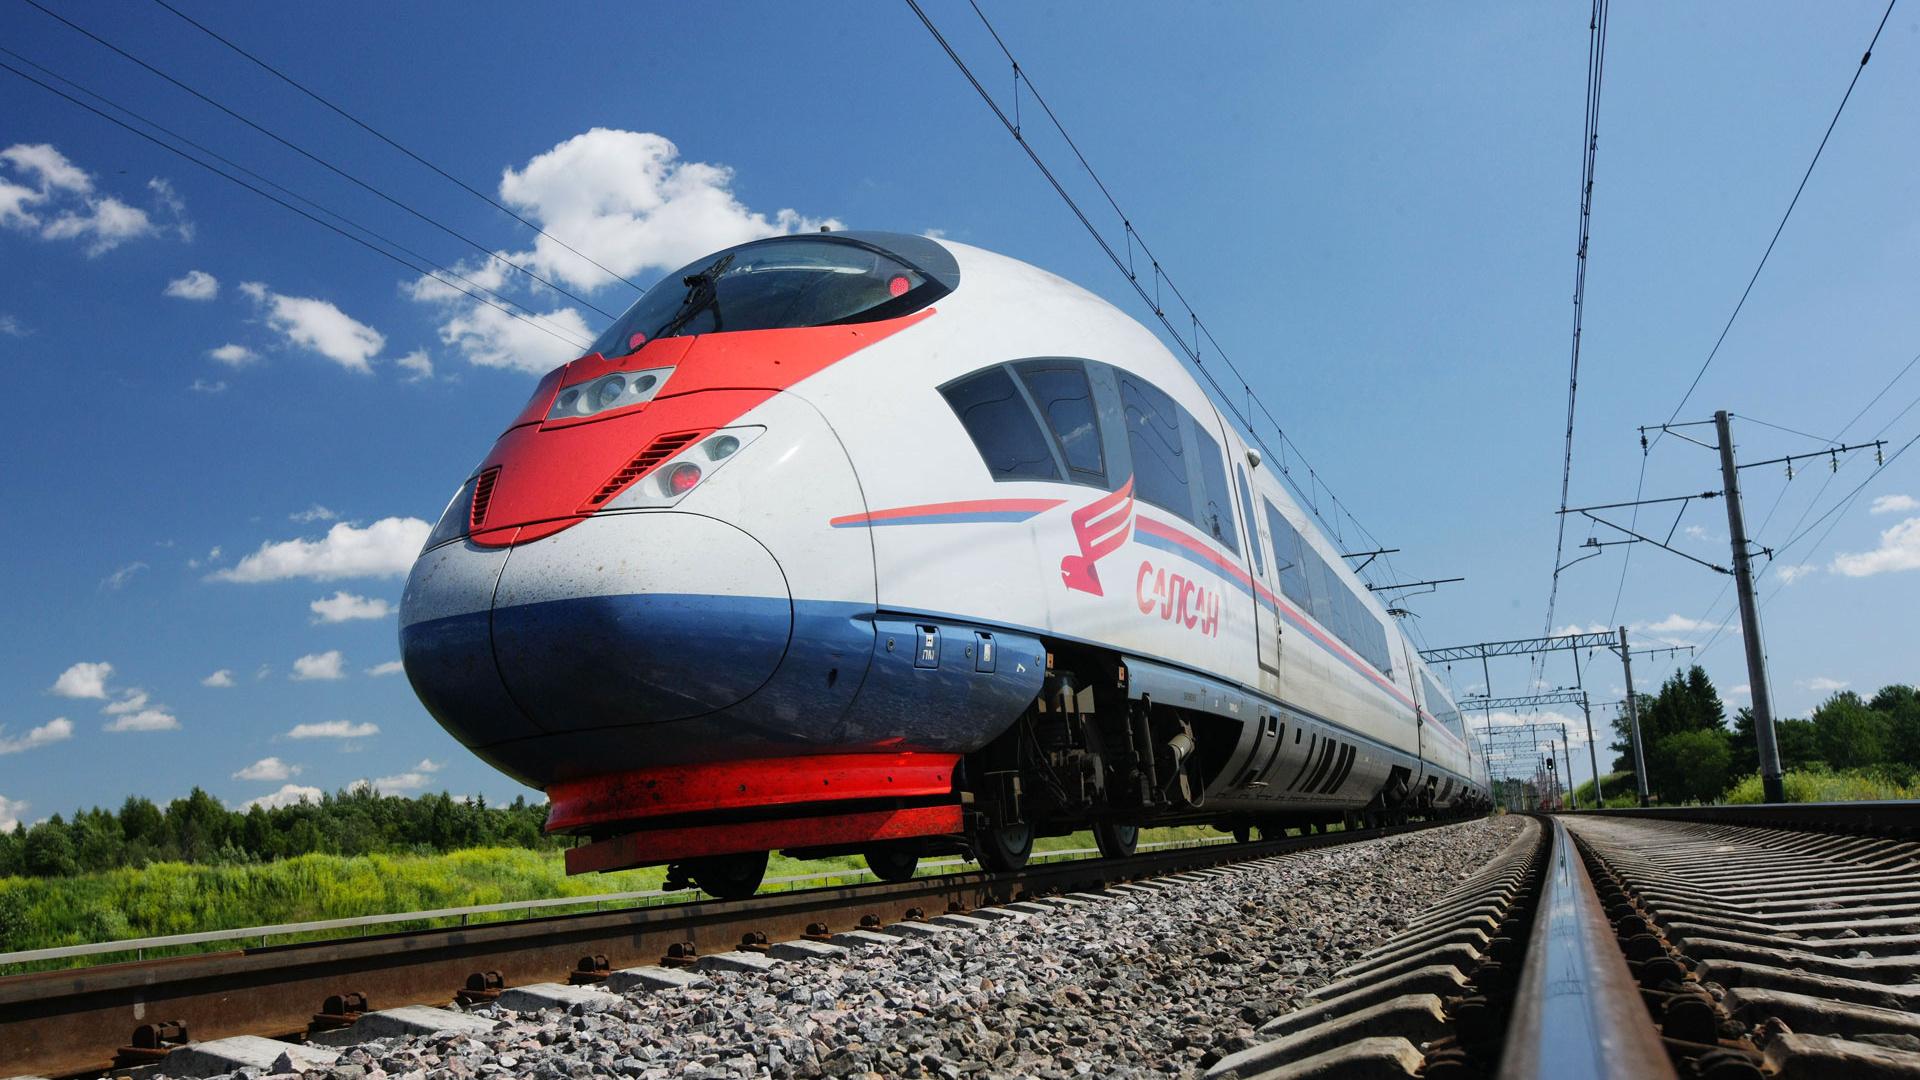 43441壁紙のダウンロード輸送, 列車-スクリーンセーバーと写真を無料で